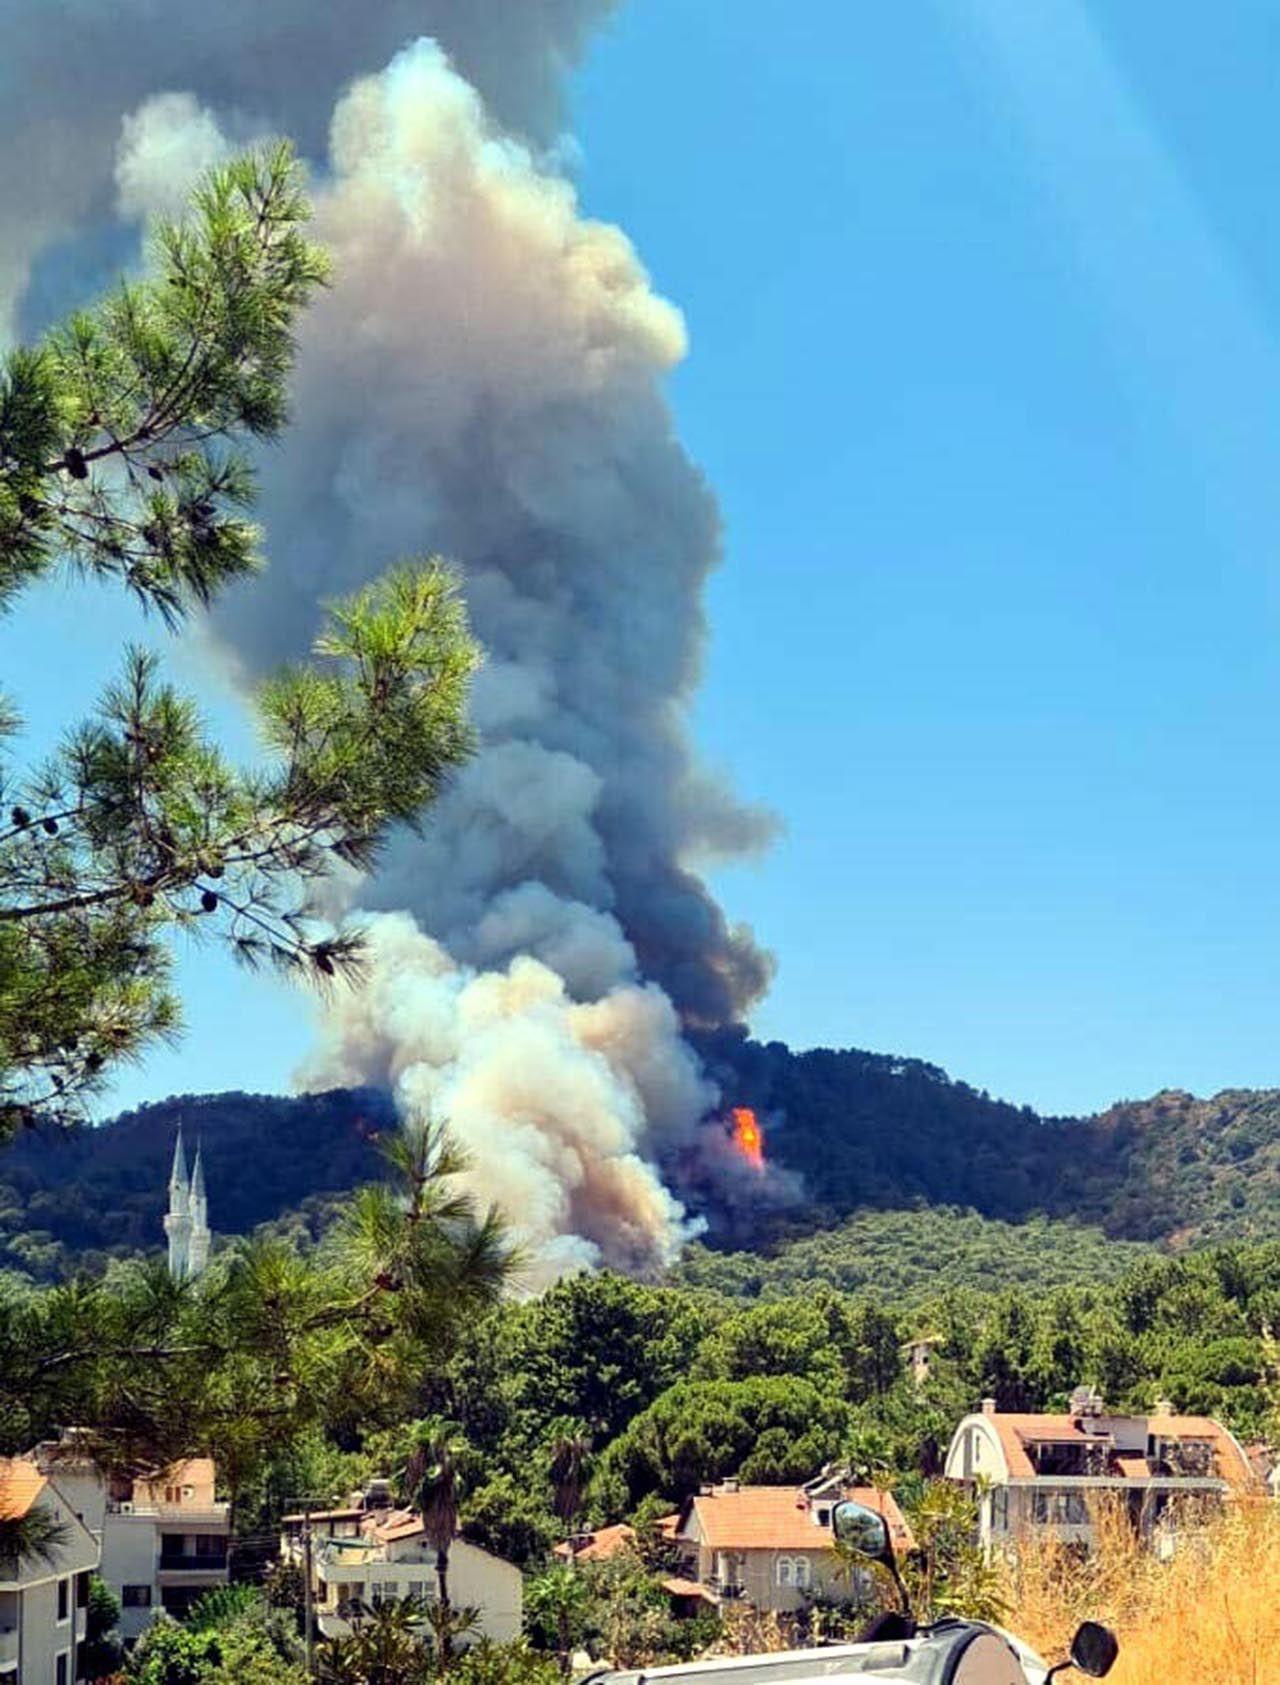 Marmaris'te korkutan orman yangını: Bazı oteller ve villalar tahliye edildi - Resim: 4